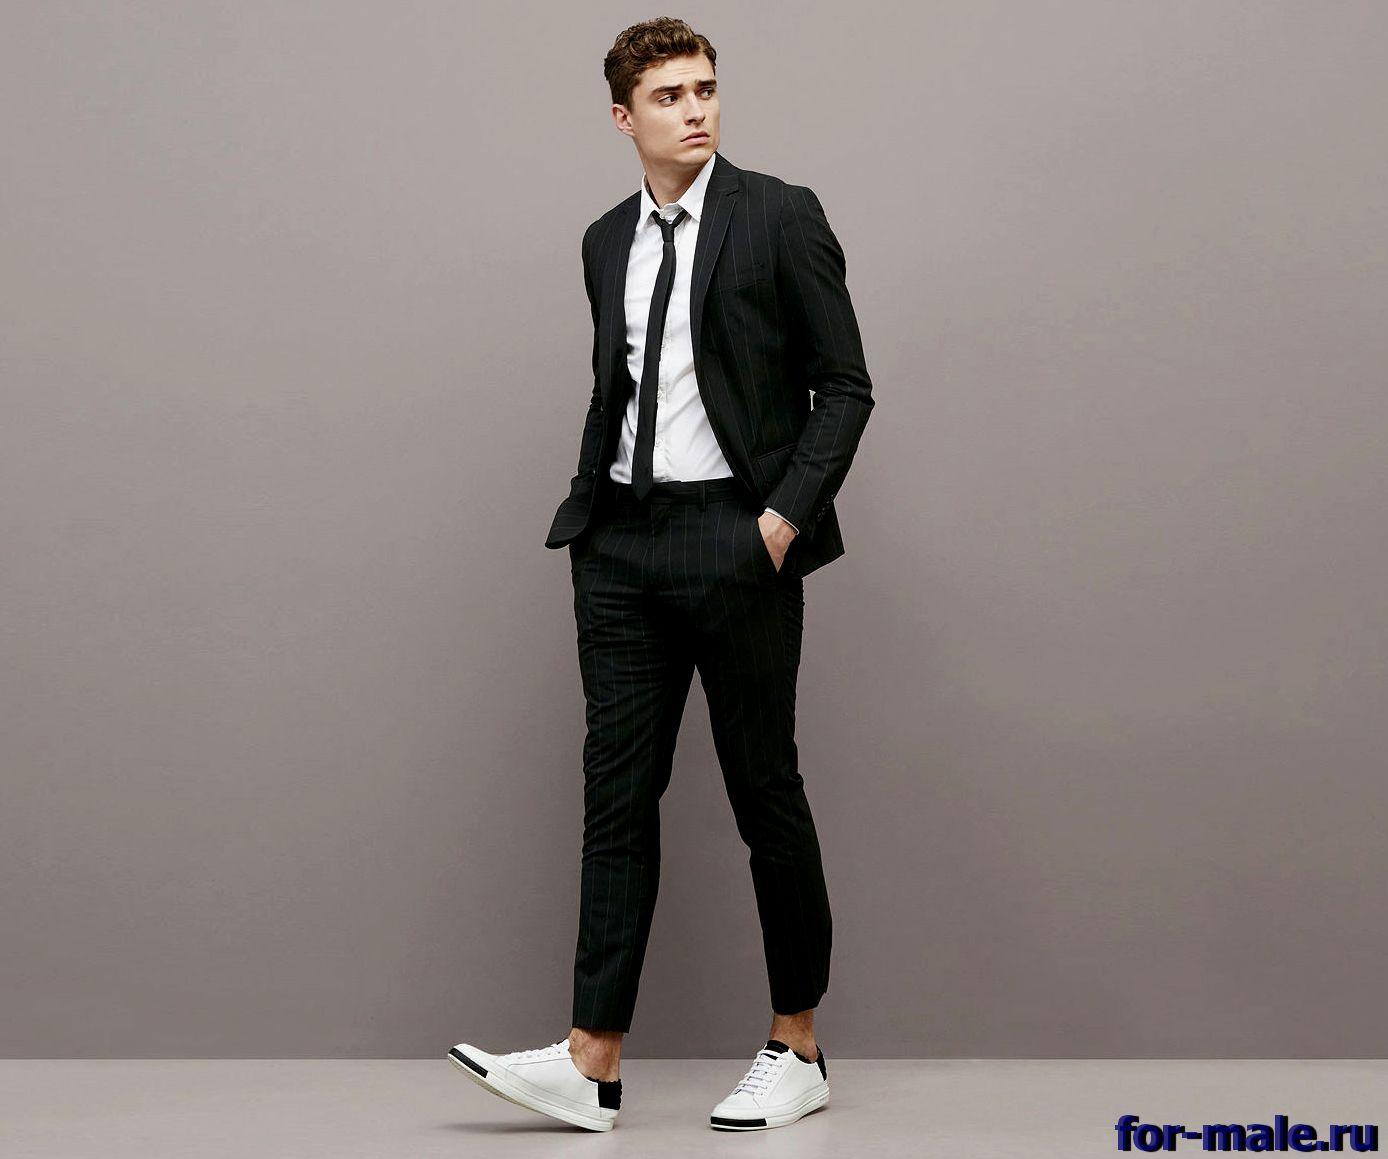 Как стильно одеваться худым мужчинам